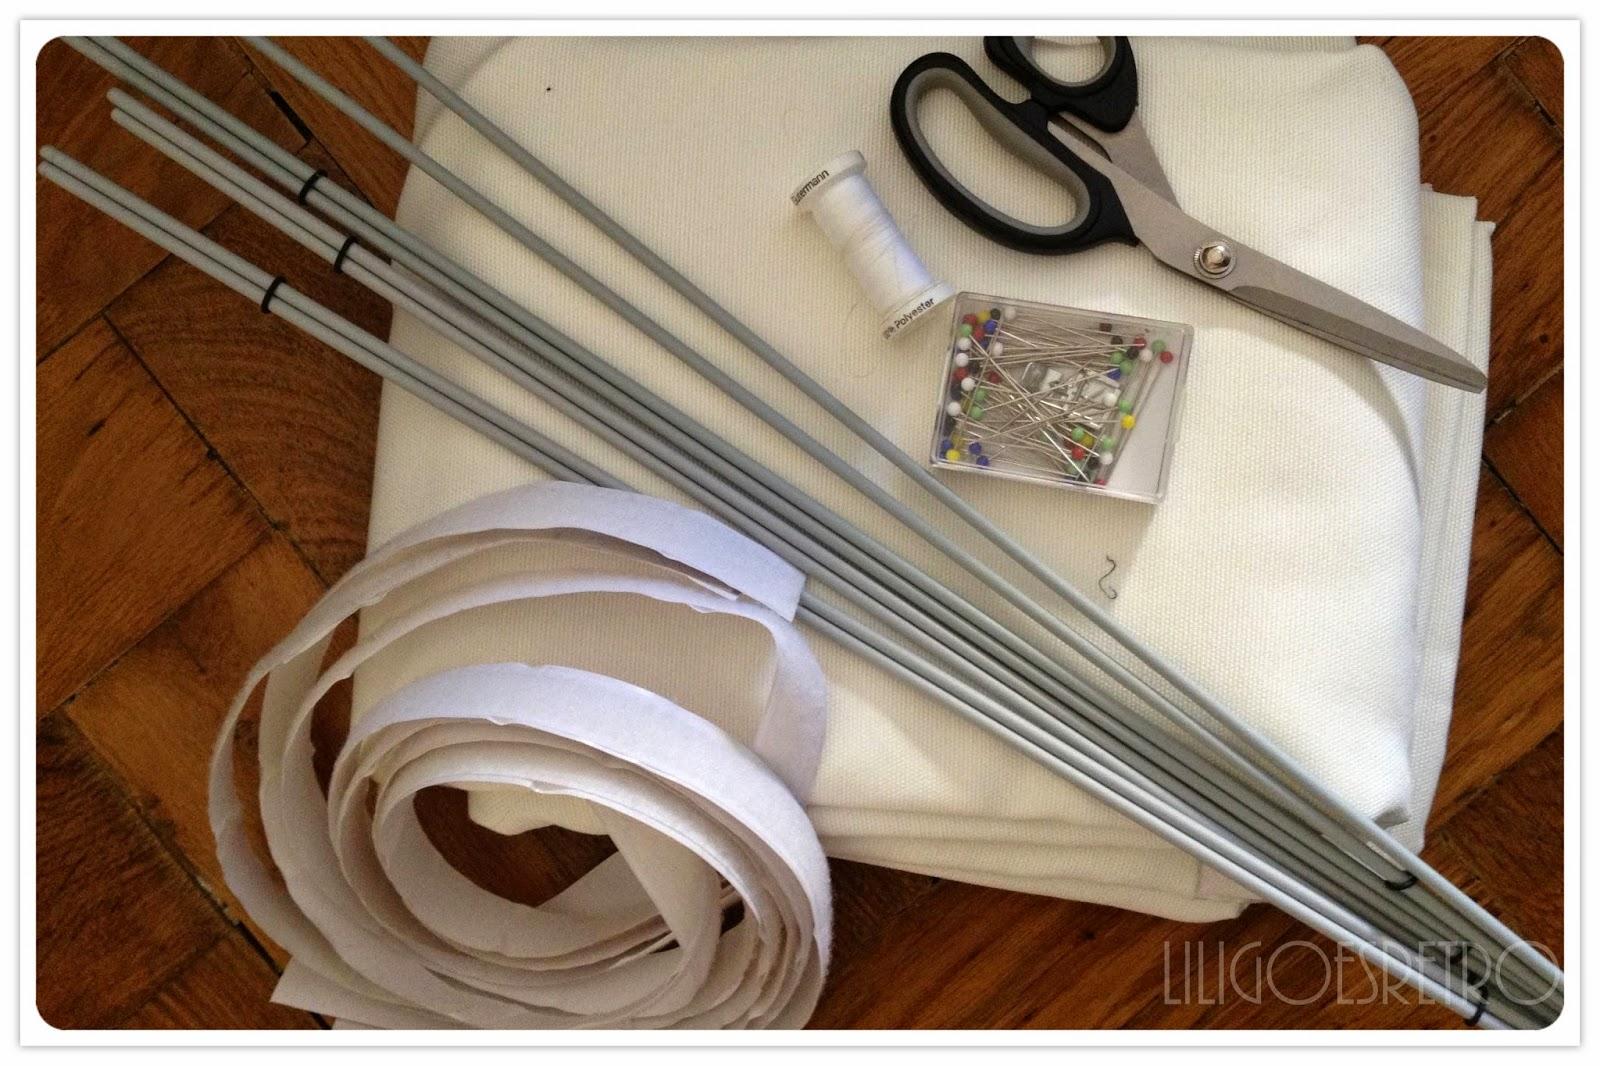 lili goes retro schiebevorh nge n hen. Black Bedroom Furniture Sets. Home Design Ideas